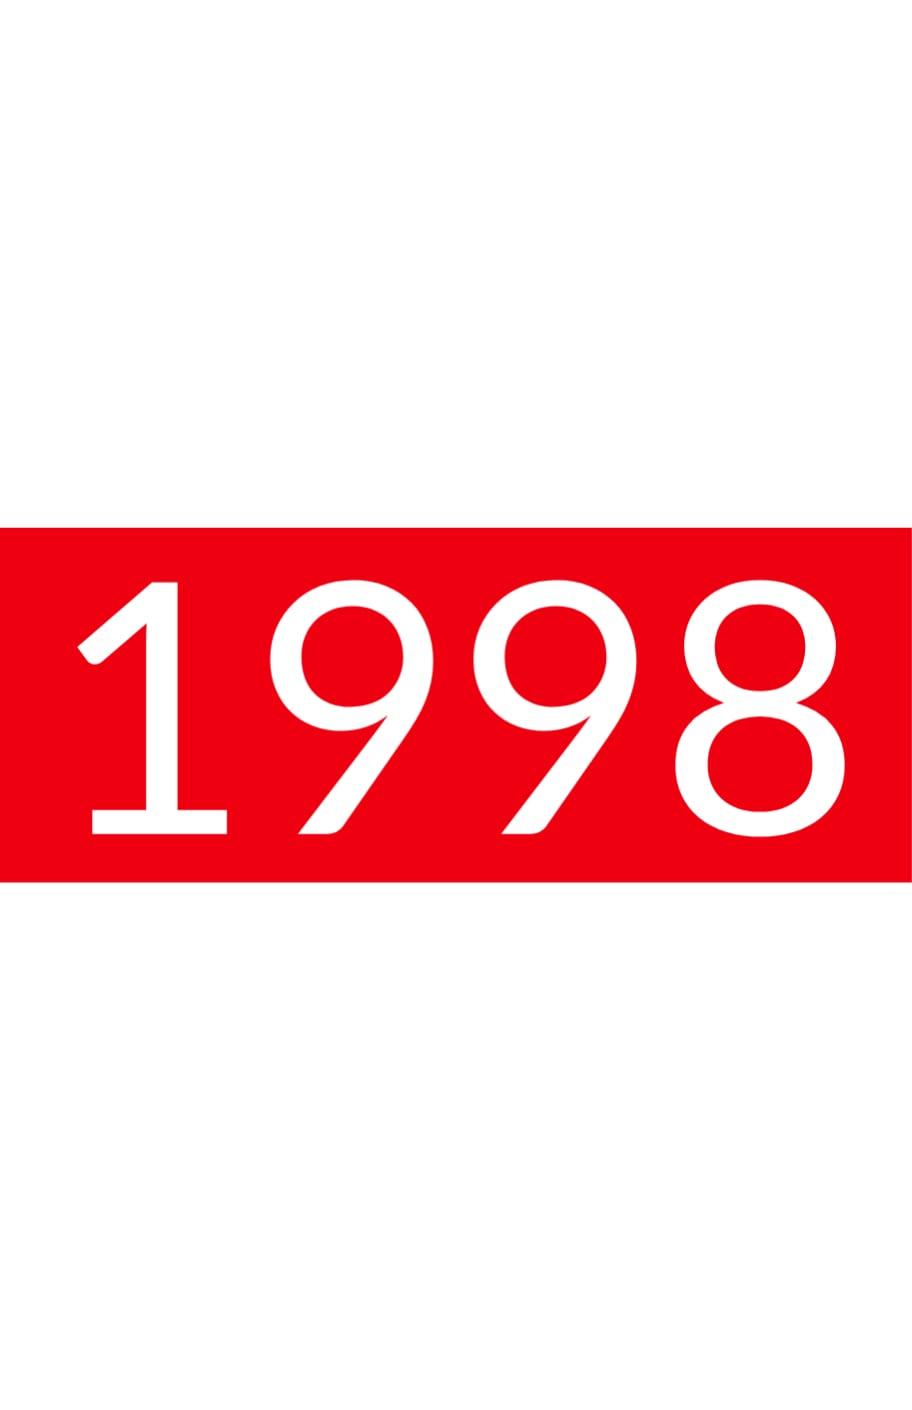 Orange rectangle white text: 1998